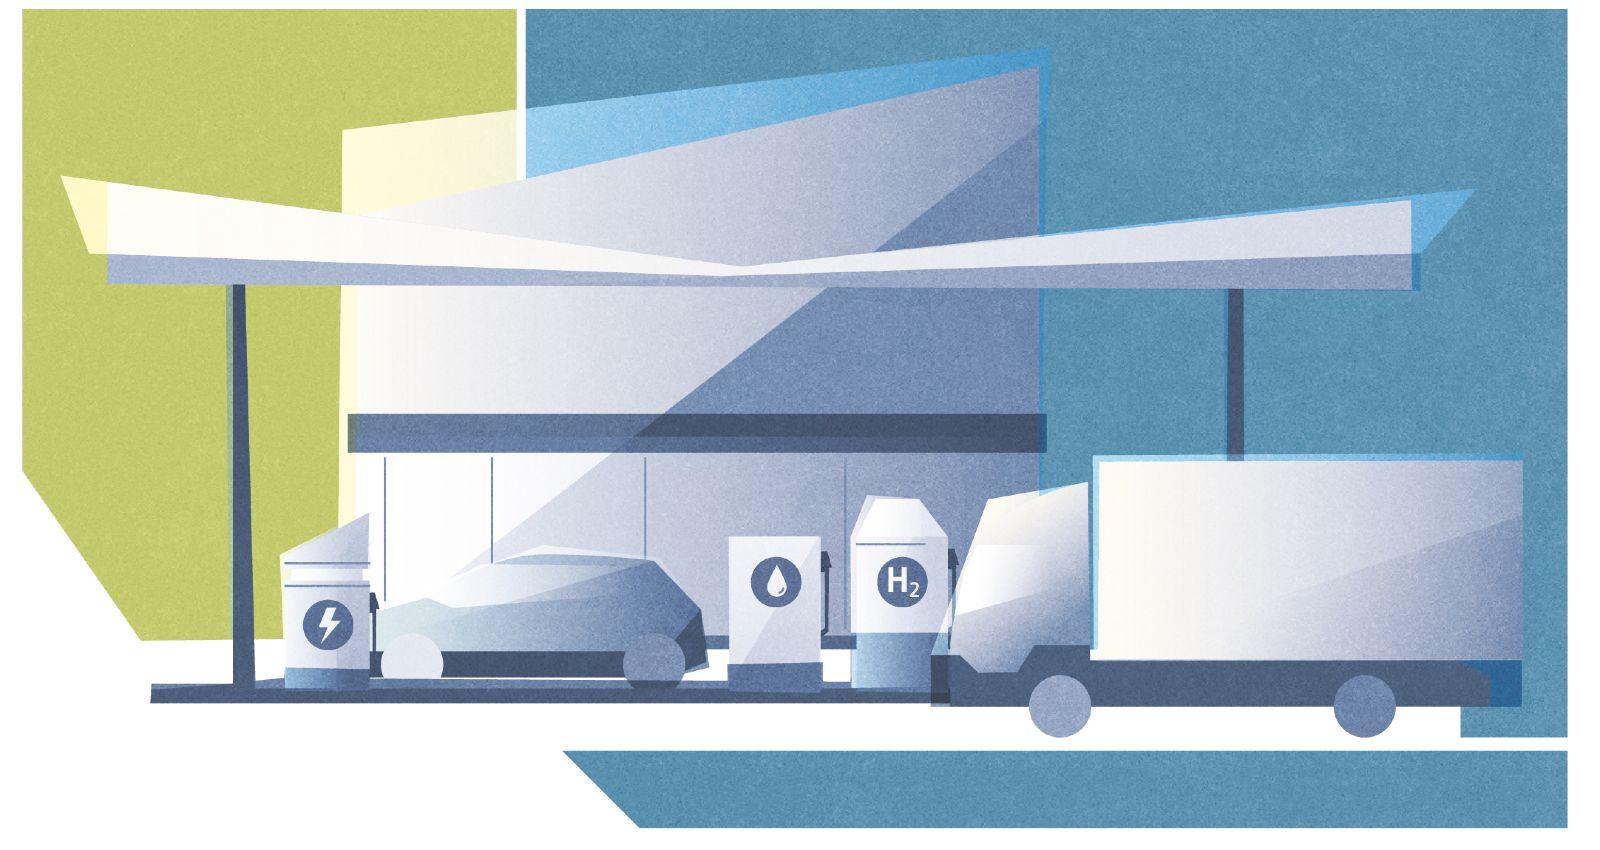 Das Bild zeigt eine Tankstelle mit Säulen für synthetischen Kraftstoff, Wasserstoff und Strom.